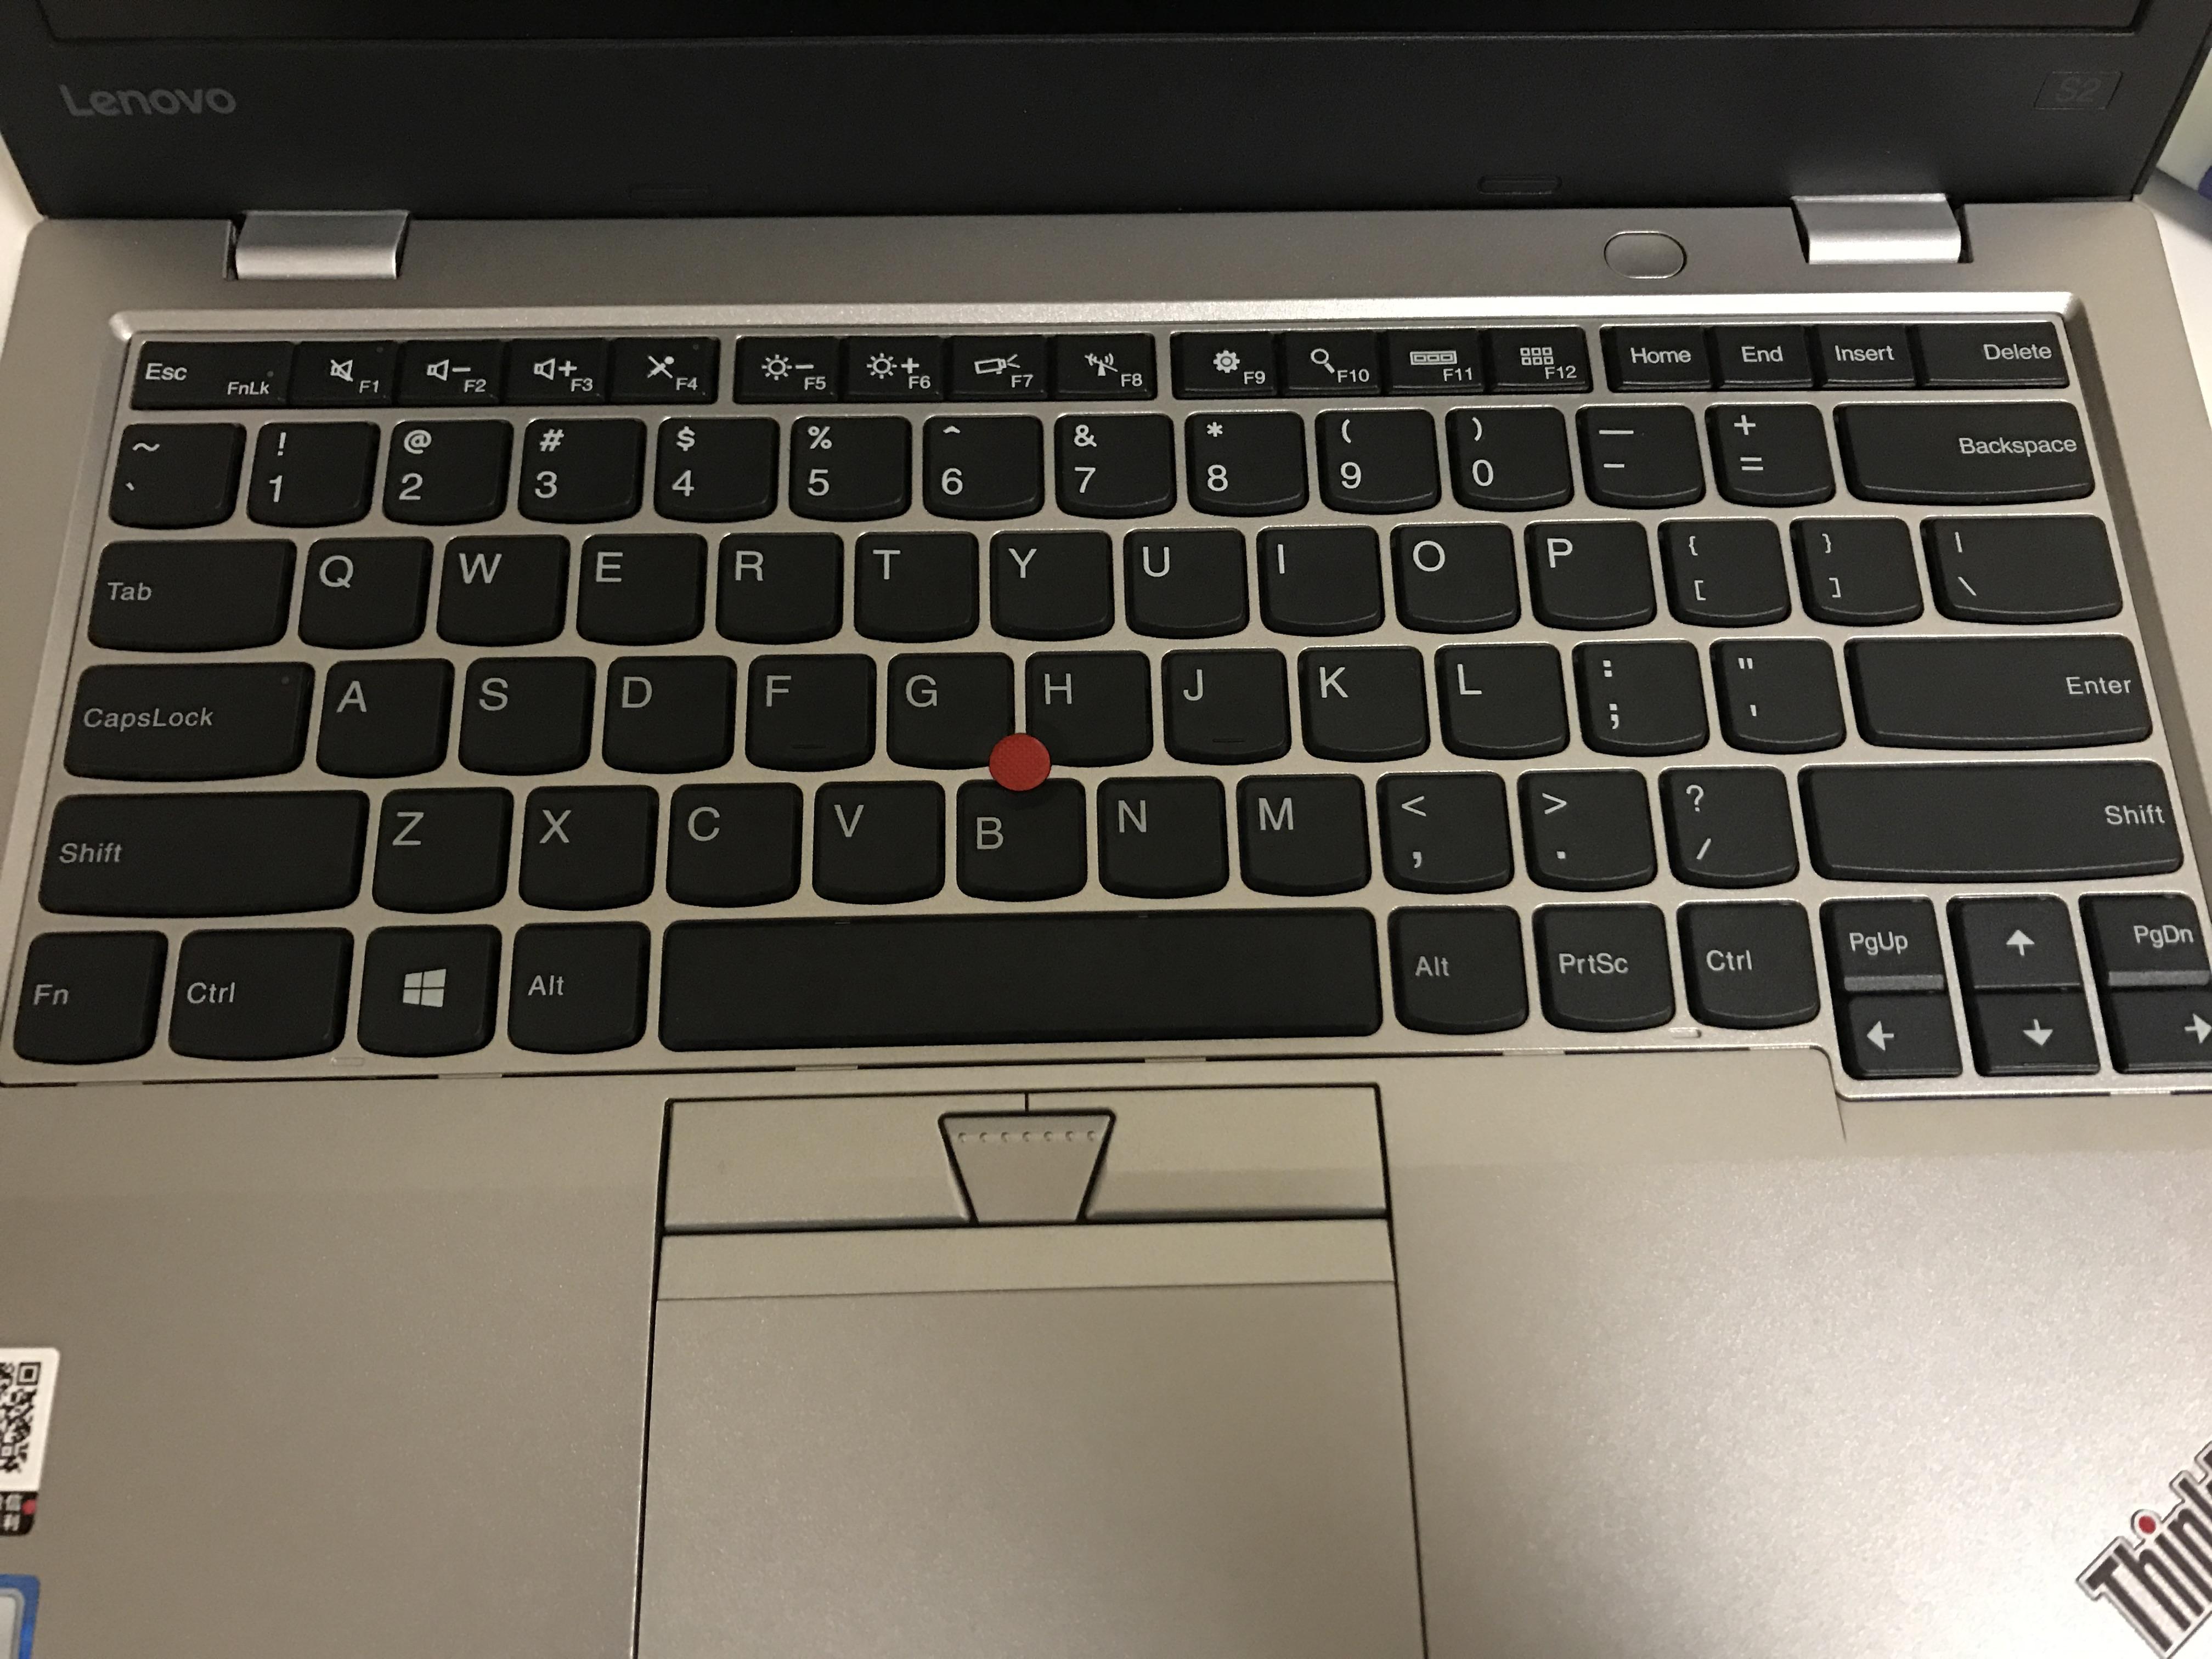 笔记本 笔记本电脑 键盘 4032_3024